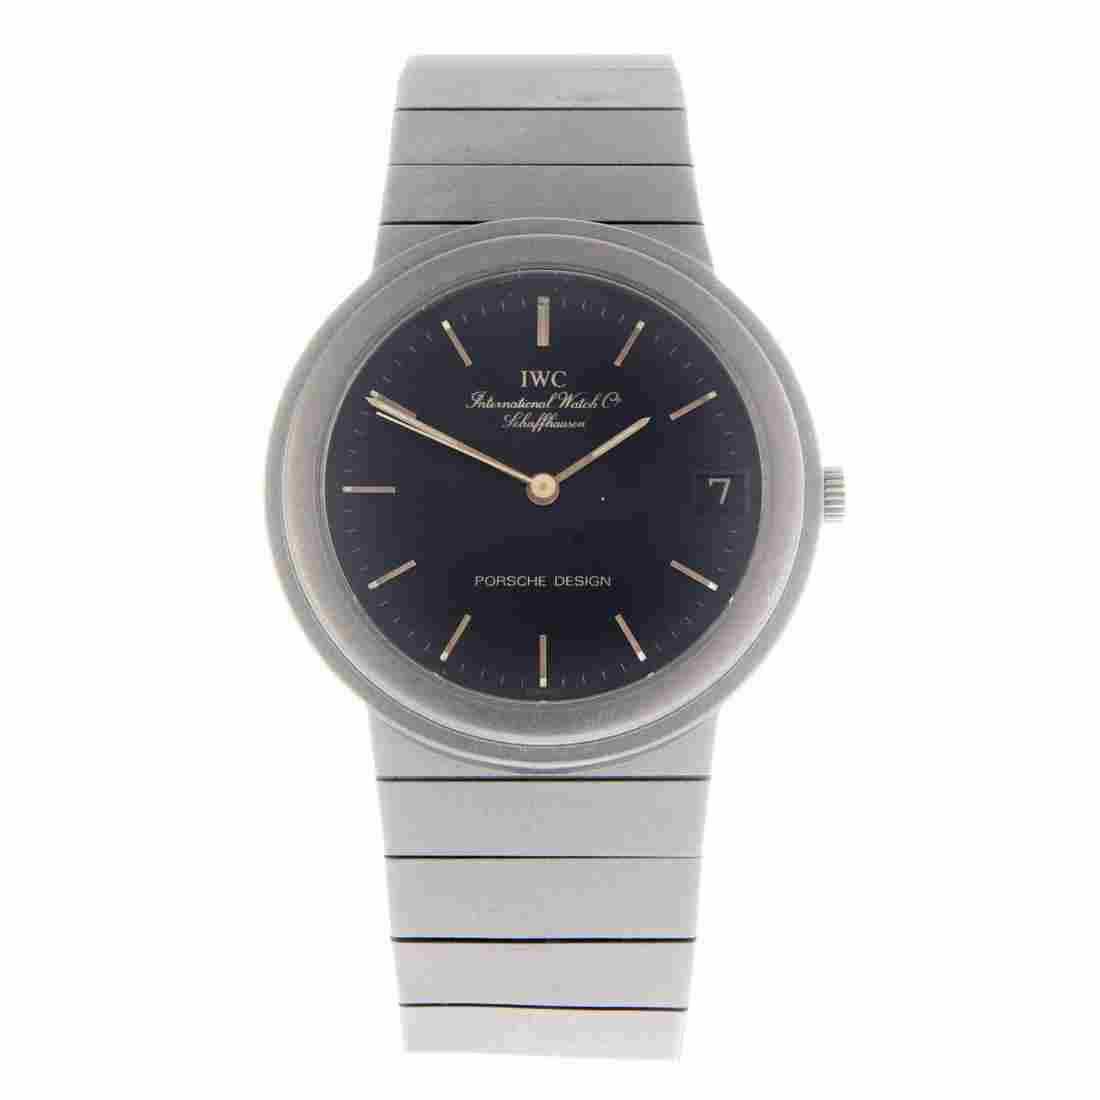 IWC - a gentleman's Porsche Design bracelet watch.